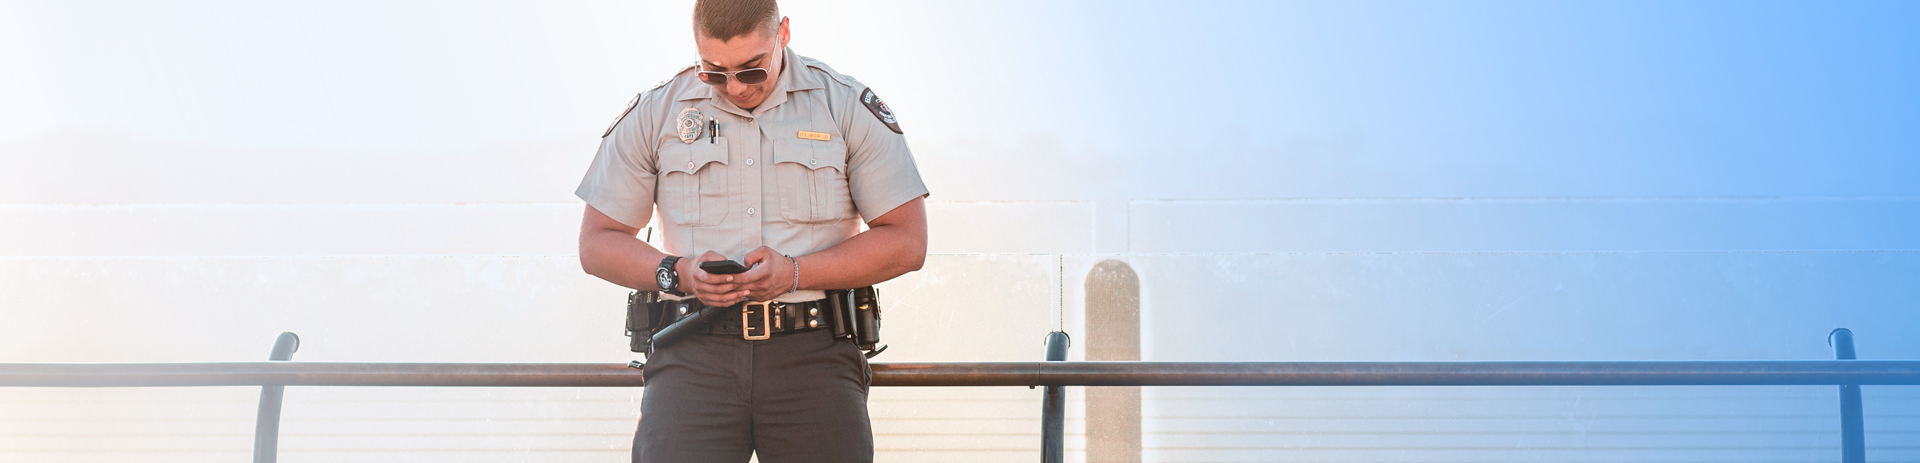 Какими навыками и качествами должен обладать охранник?